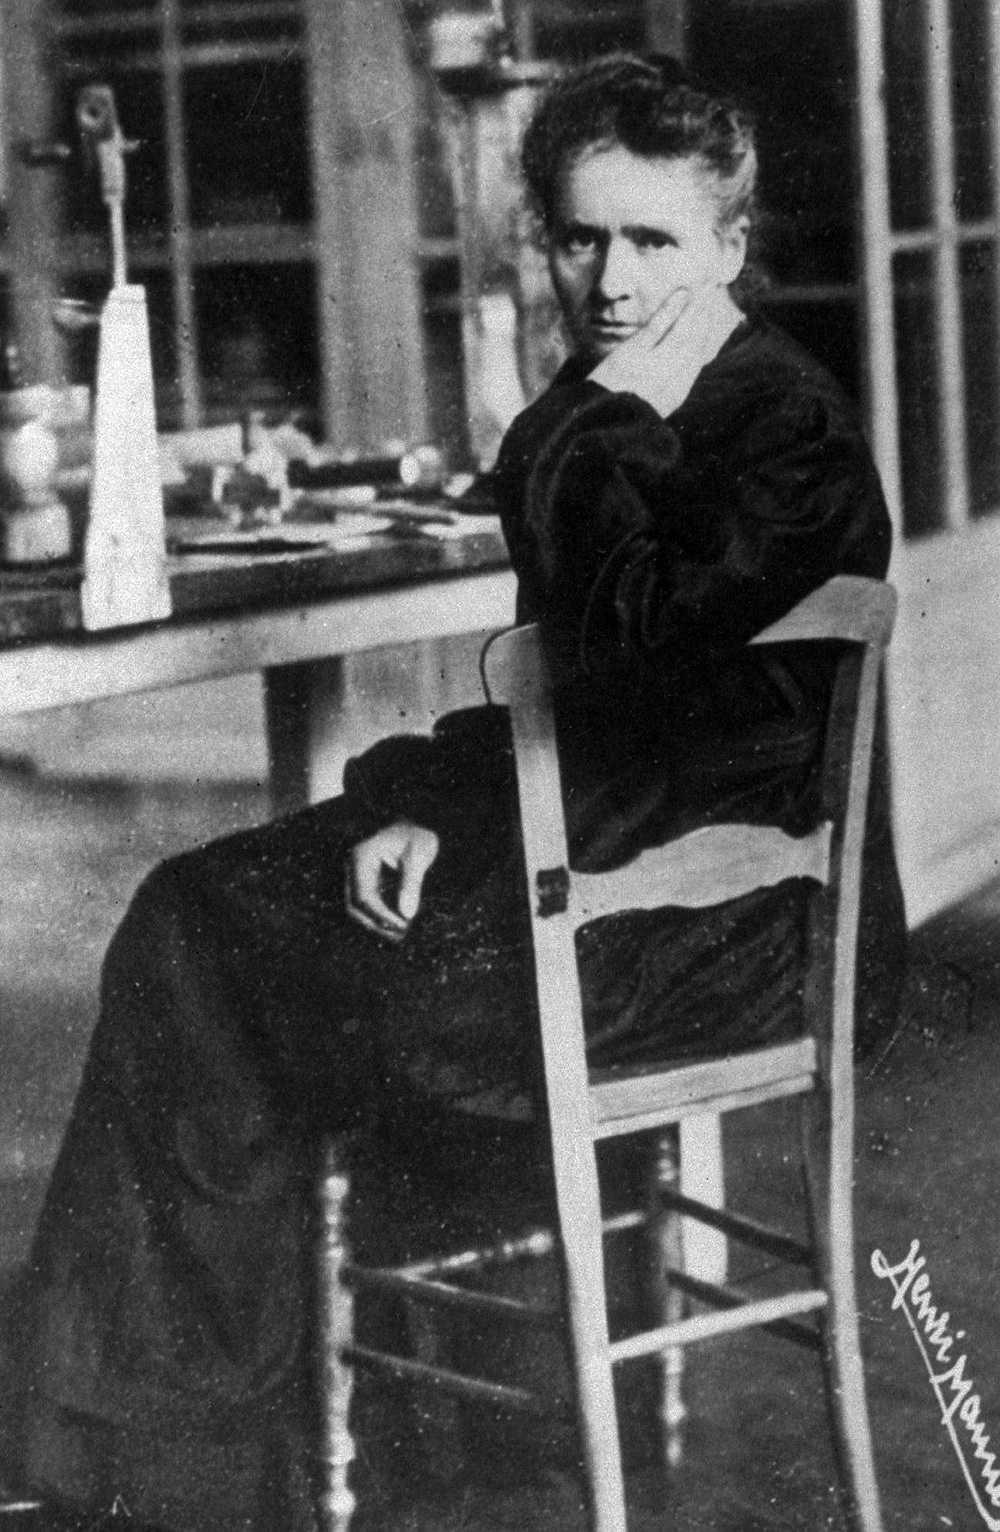 Marie Curie fick nobelpriset både i kemi och fysik. Hon är en av få kvinnor som nämns i historieböckerna.